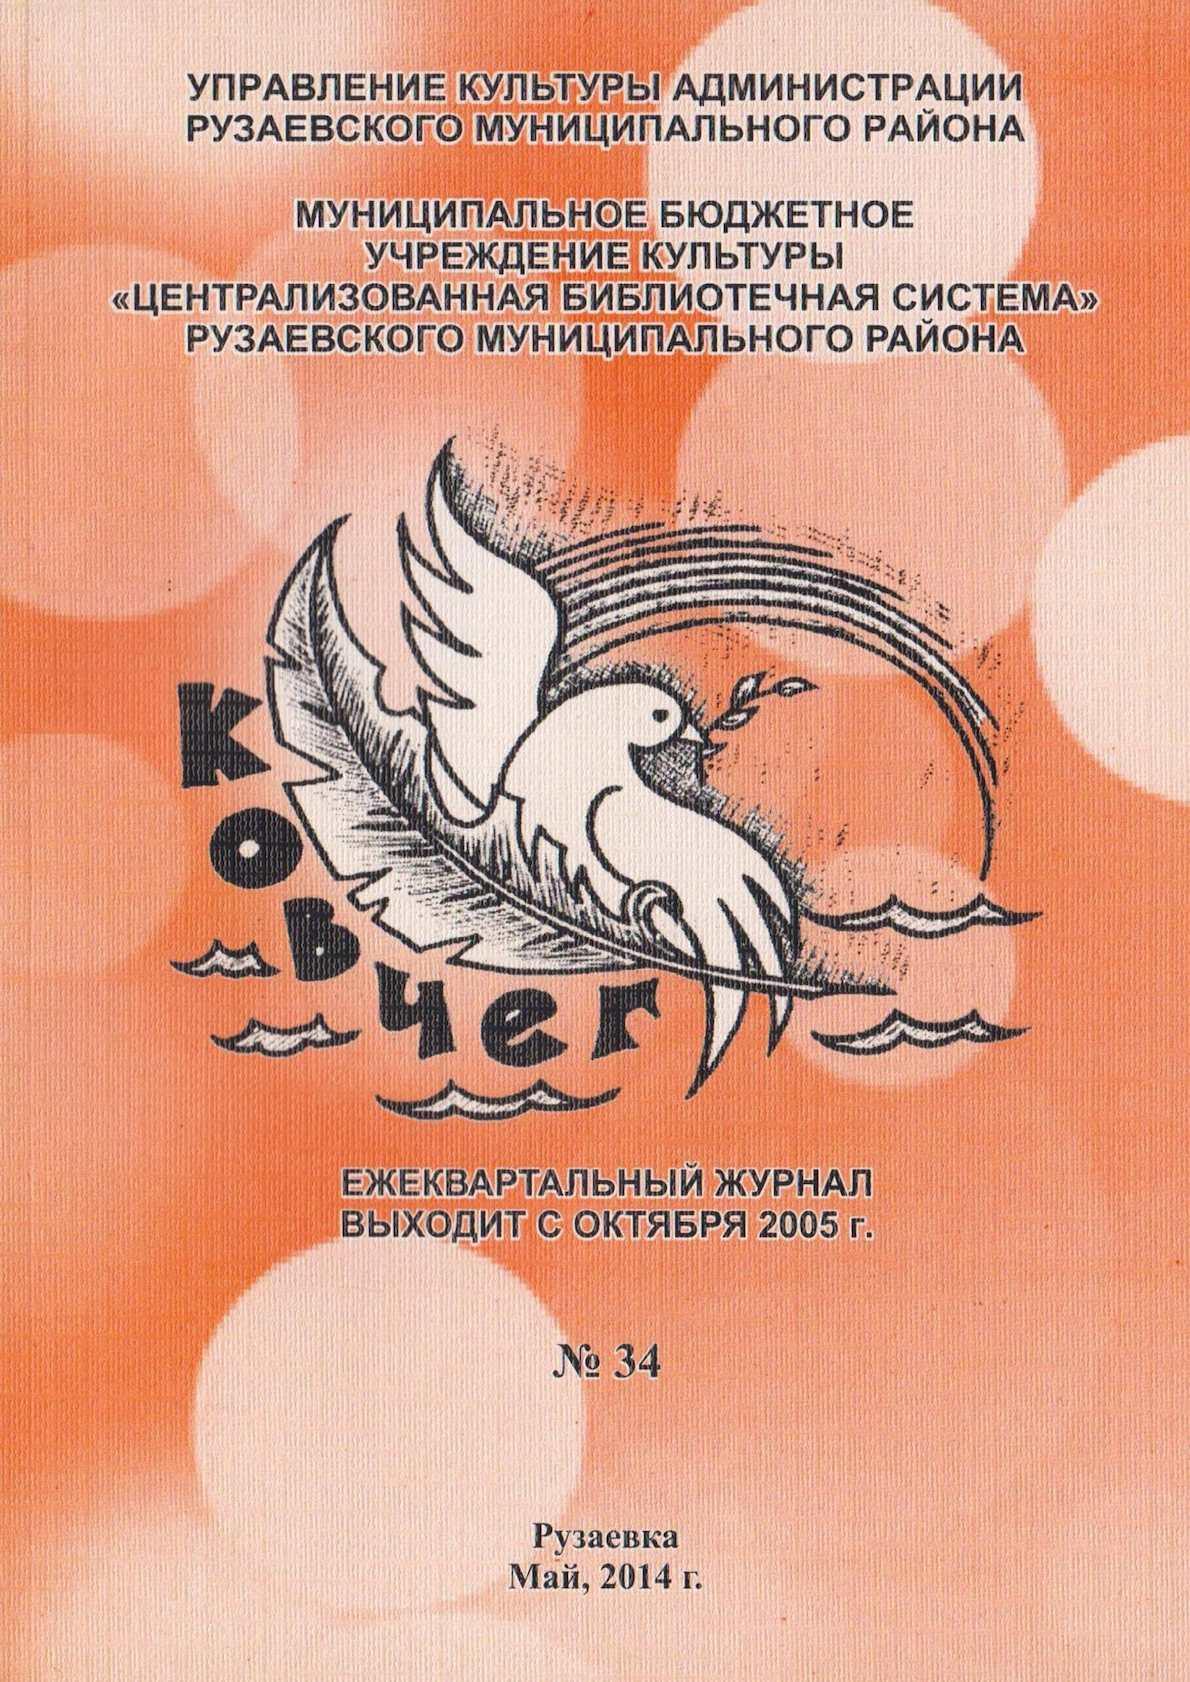 срочно нужны деньги в долг от частных лиц сегодня украина